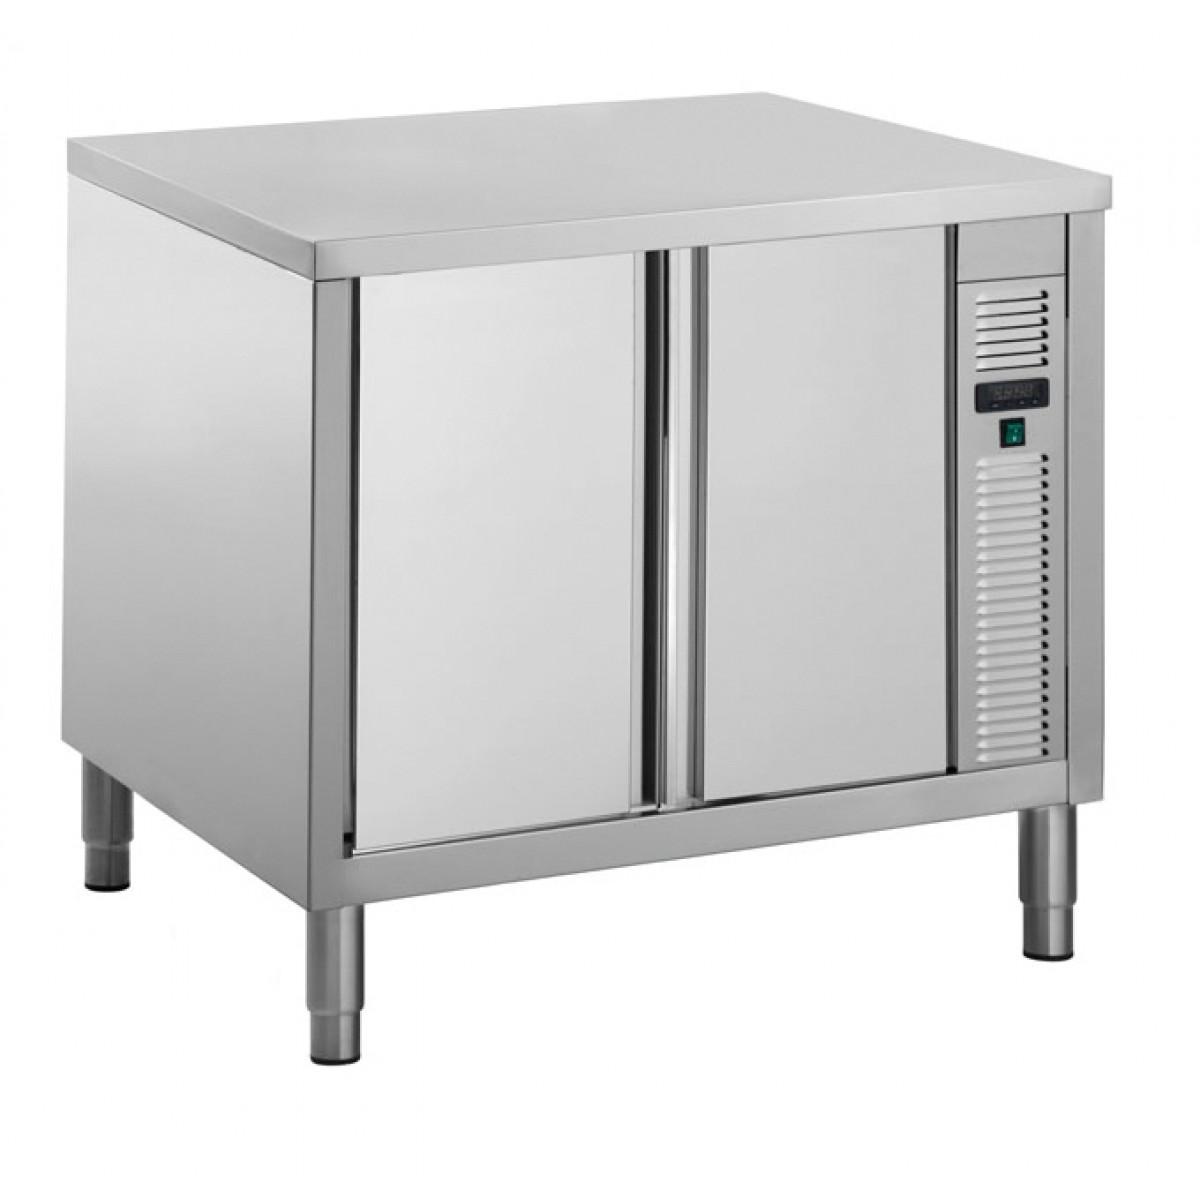 Varmeskabseriestandard700mmdyb-35